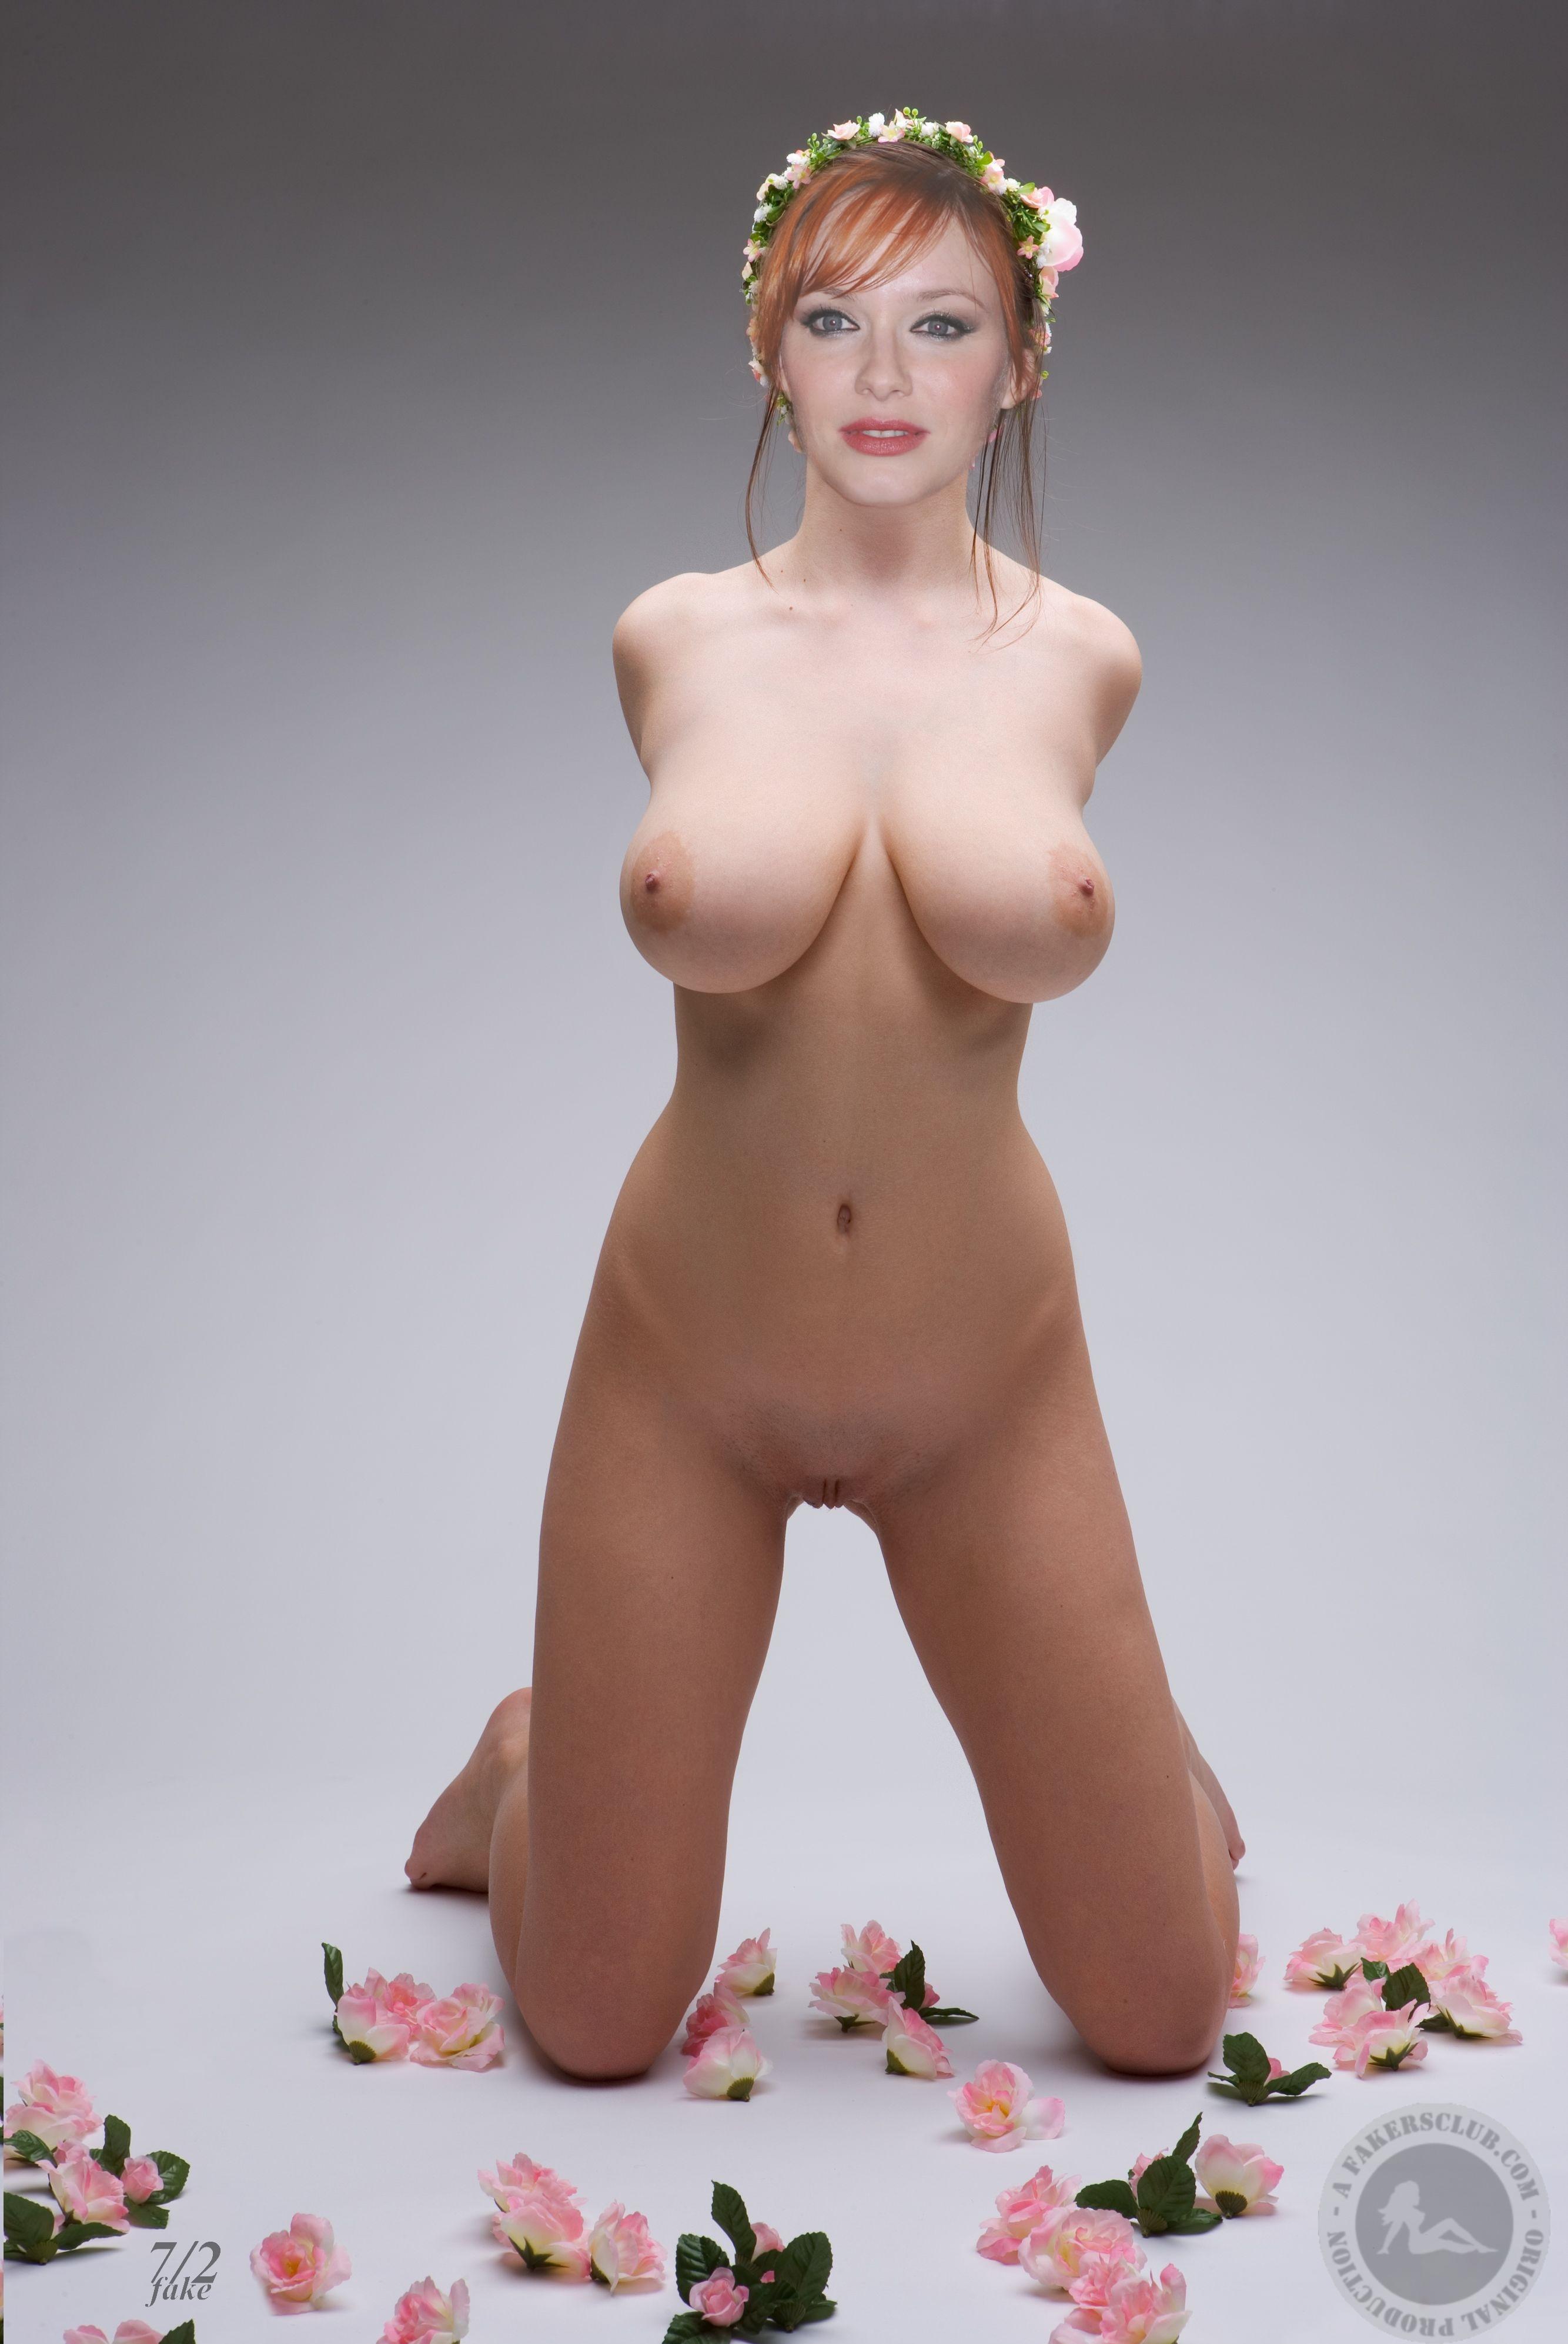 Christina Hendricks Nice Big Titties Sexy Nude Fake -5880